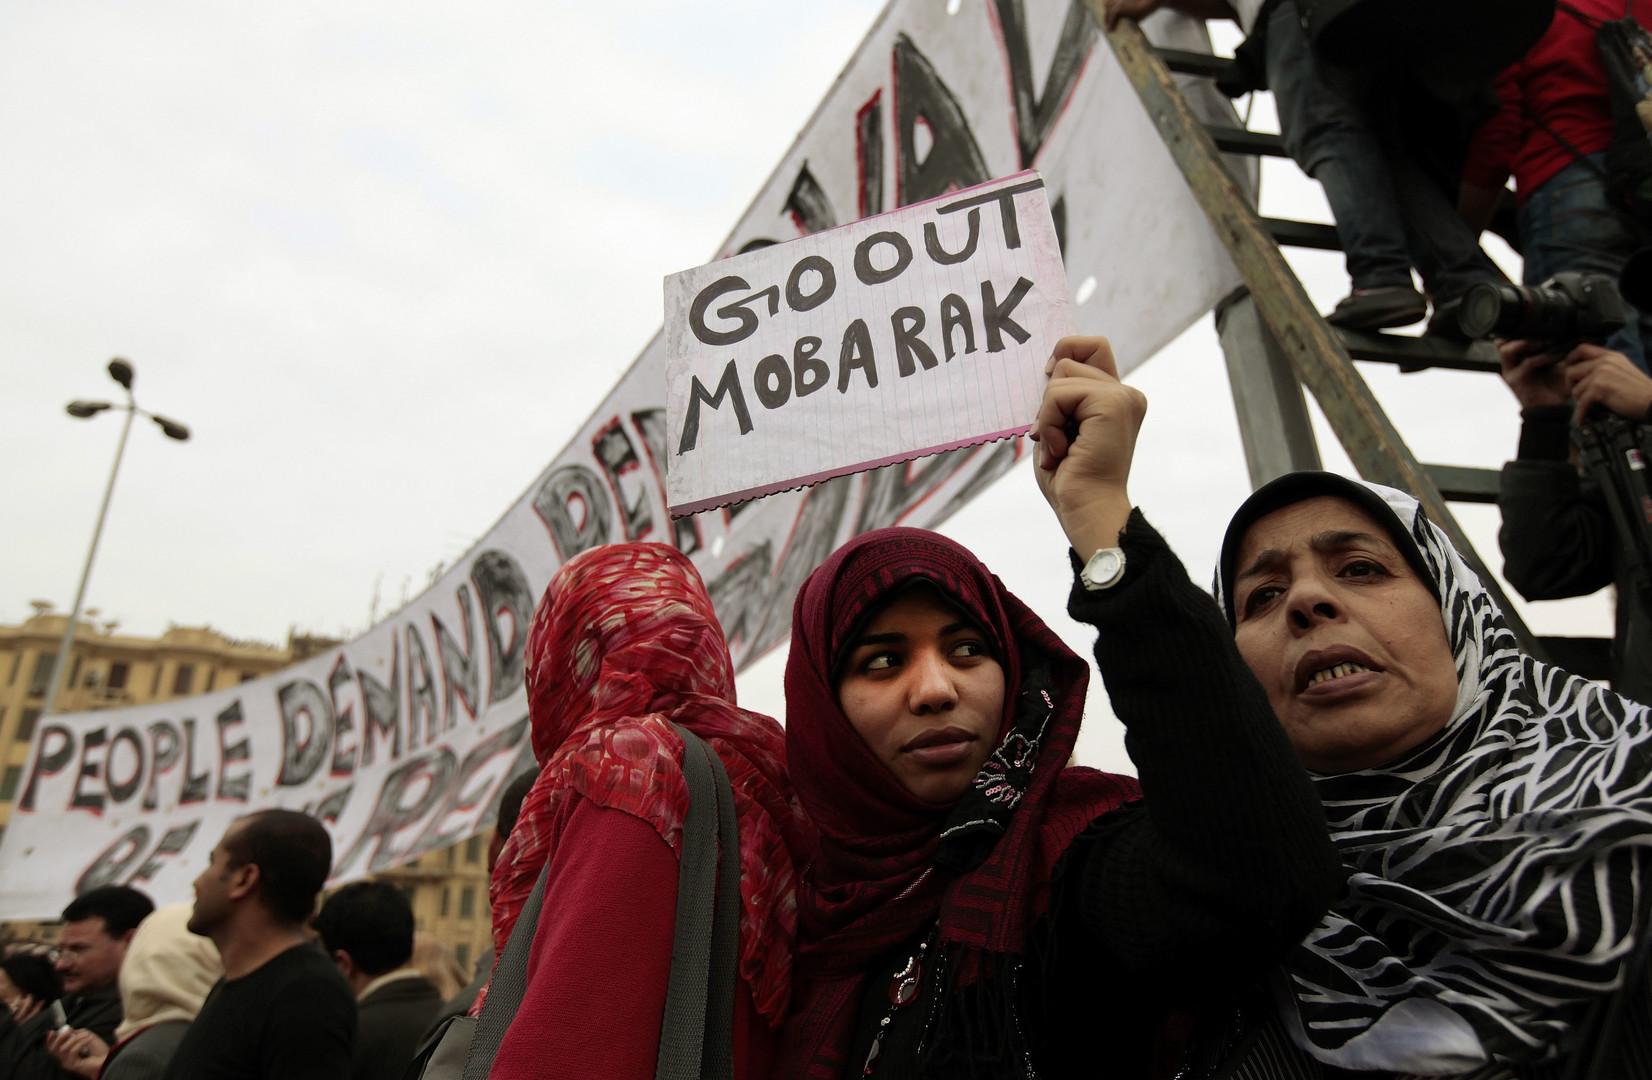 Inzwischen befinden sich alle Bevölkerungsschichten auf dem Platz. Die Frauen beteiligen sich aber bisher nur an den Protesten bei Tageslicht. Später übernehmen sie wichtige Funktionen in der Organisation und dem Schutz.